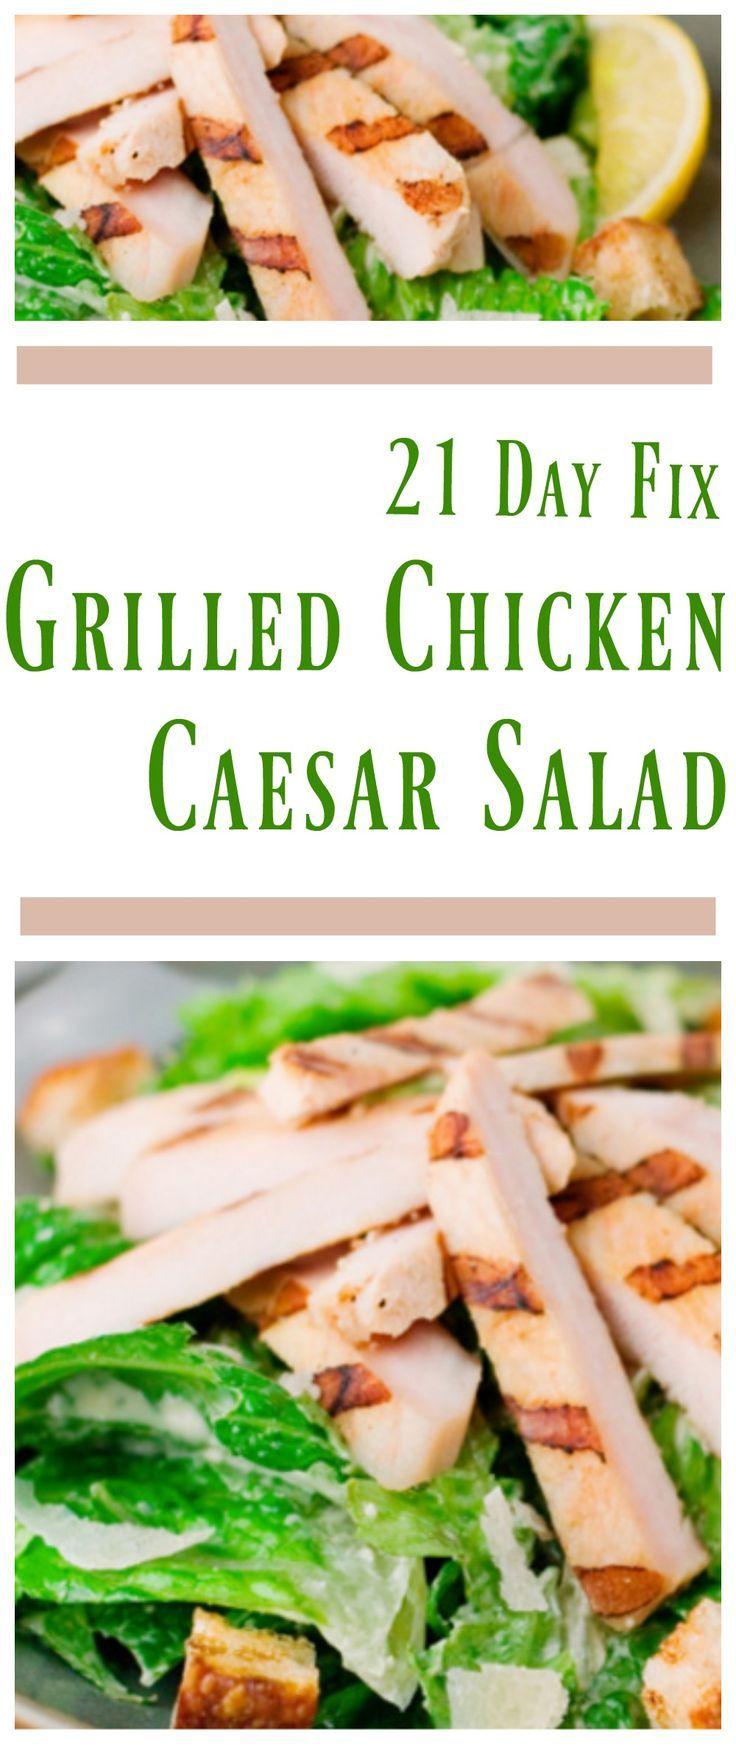 21 Day Fix Grilled Chicken Caesar Salad #21dayfix #21dayfixsalad…